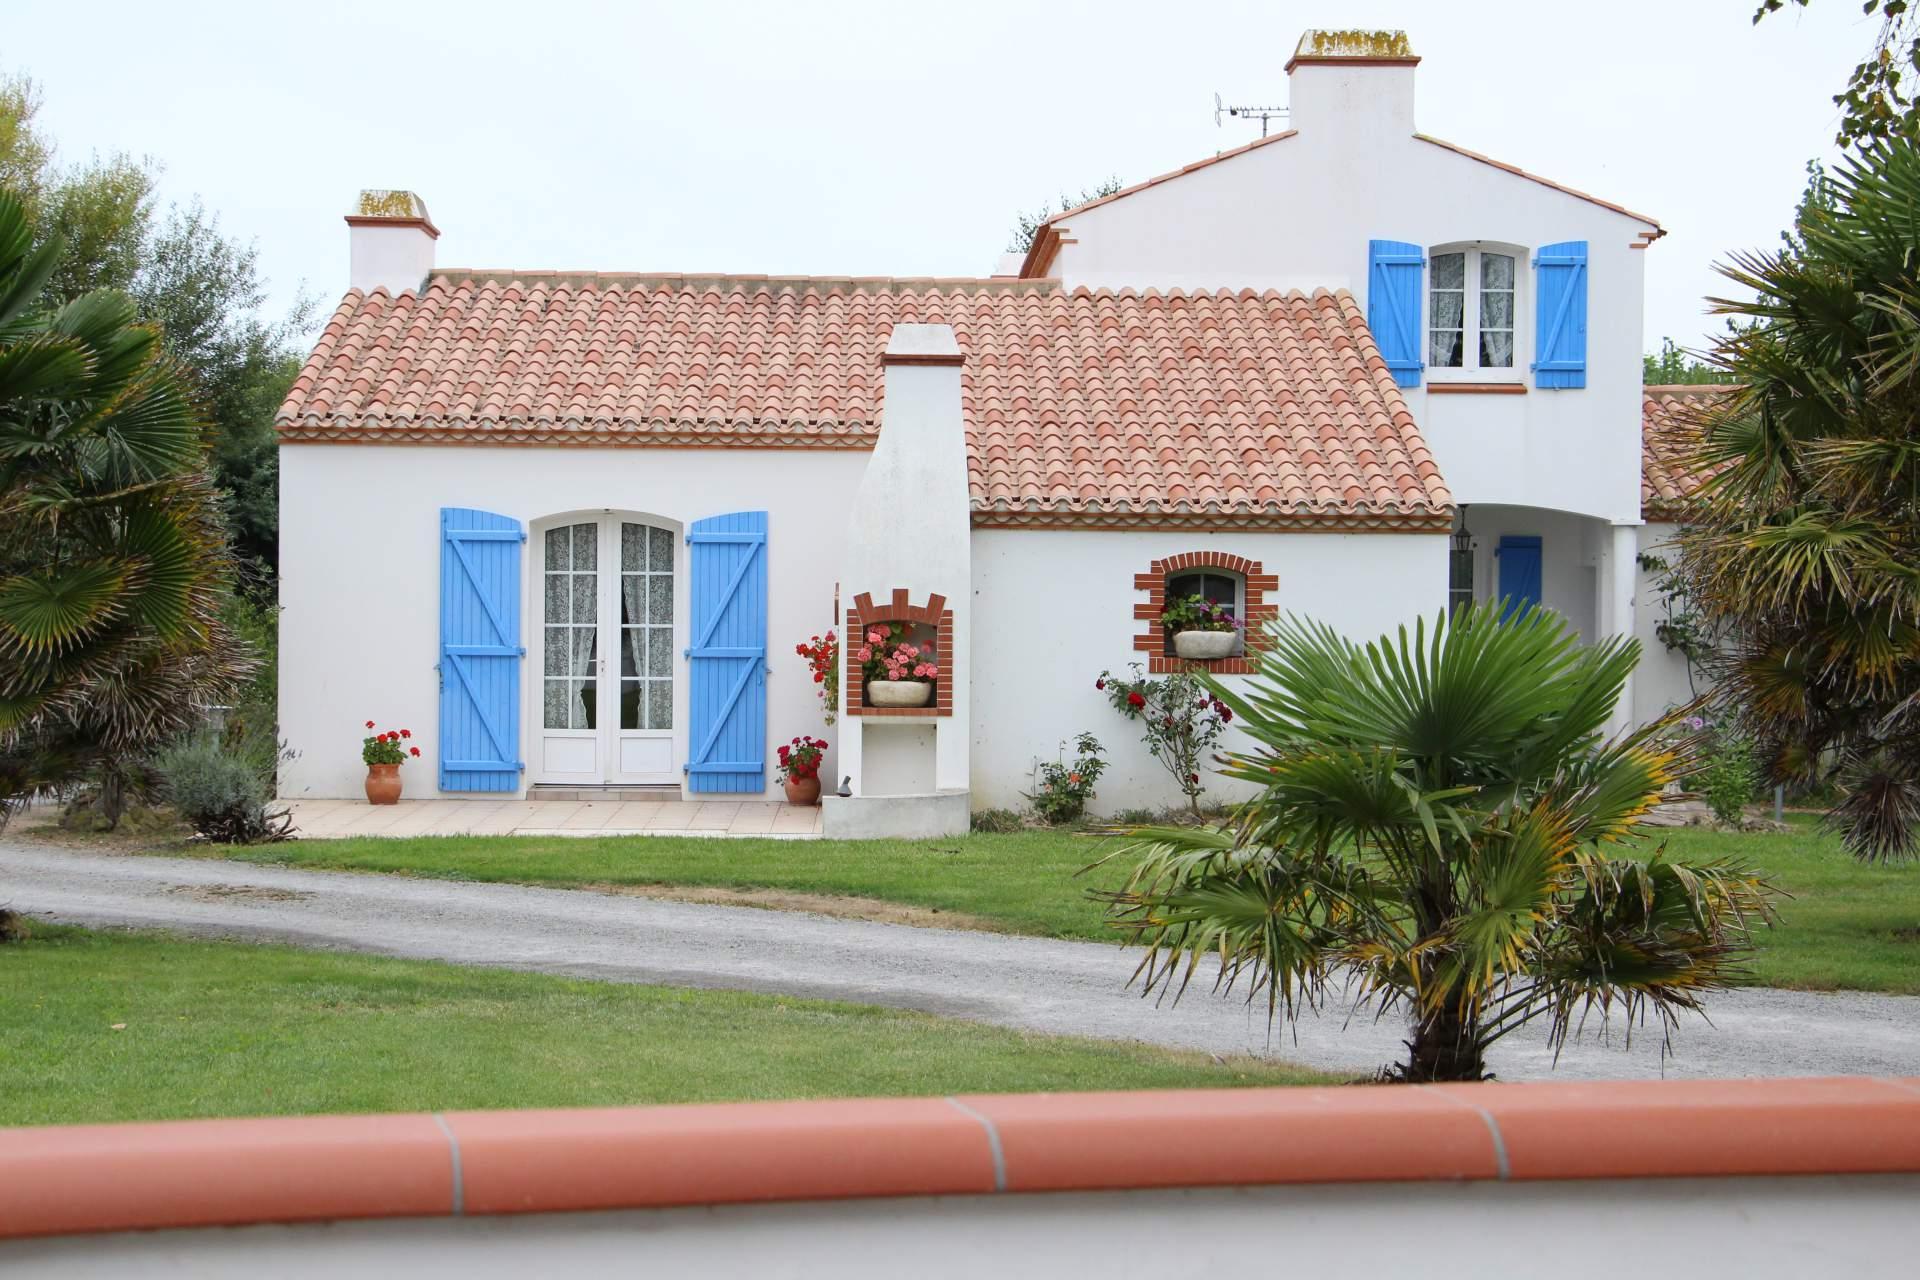 Haus in St. Hilaire de Riez